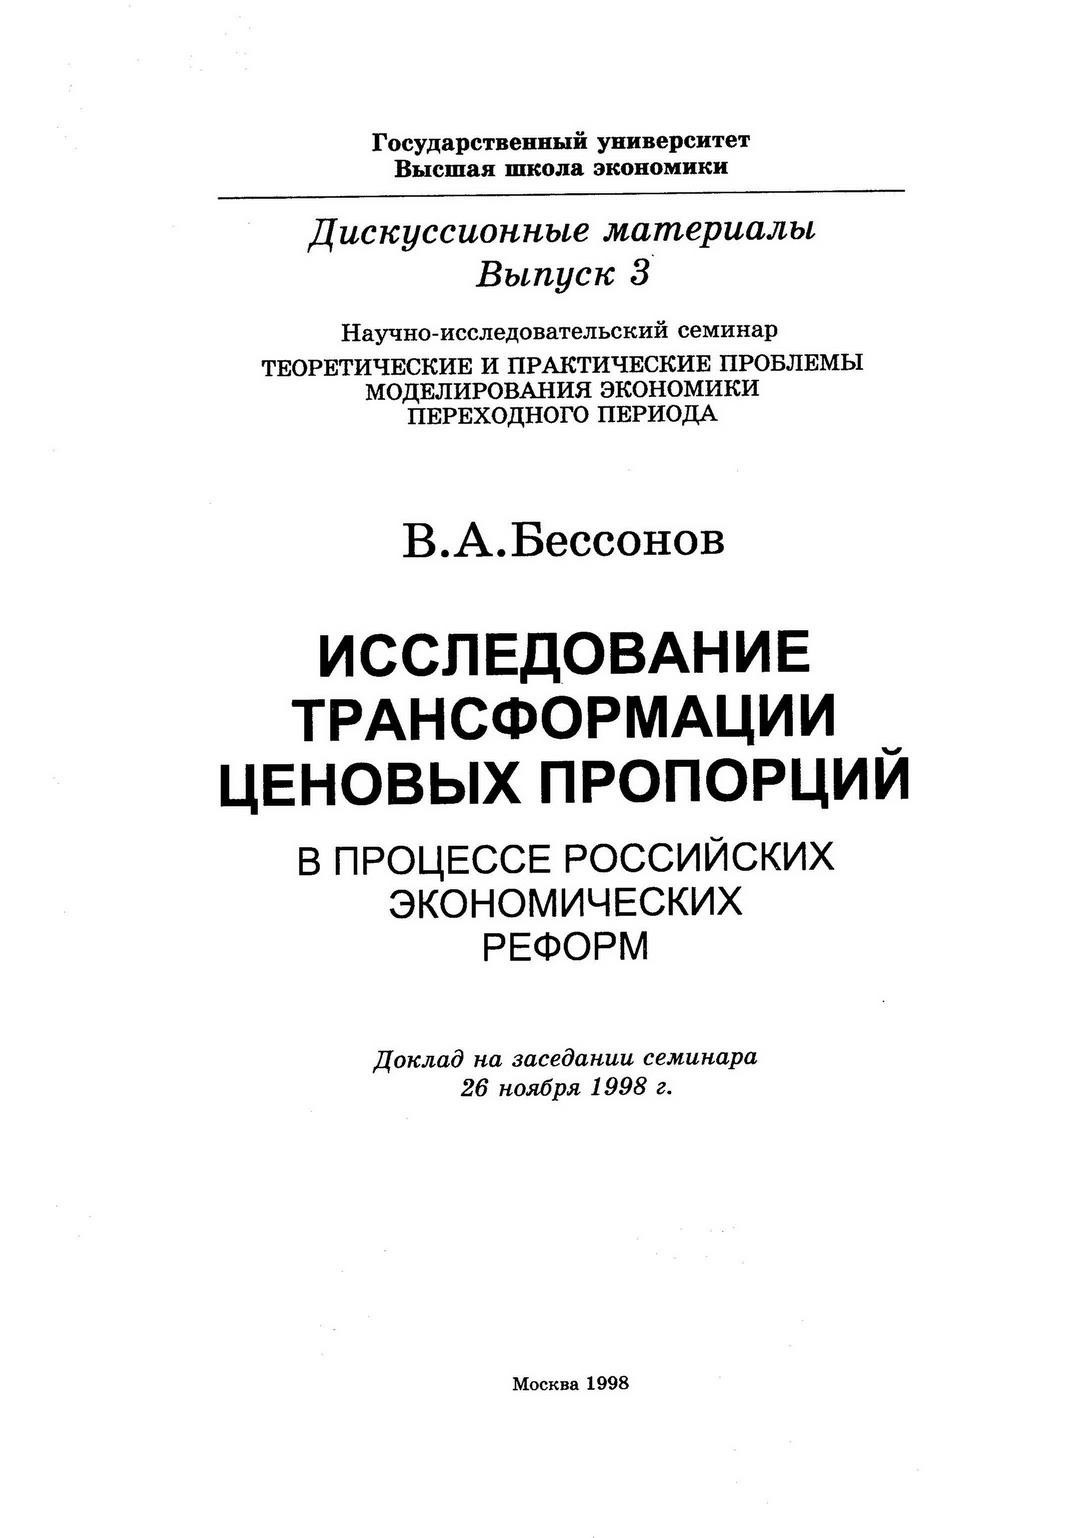 Исследование трансформации ценовых пропорций в процессе российских экономических реформ